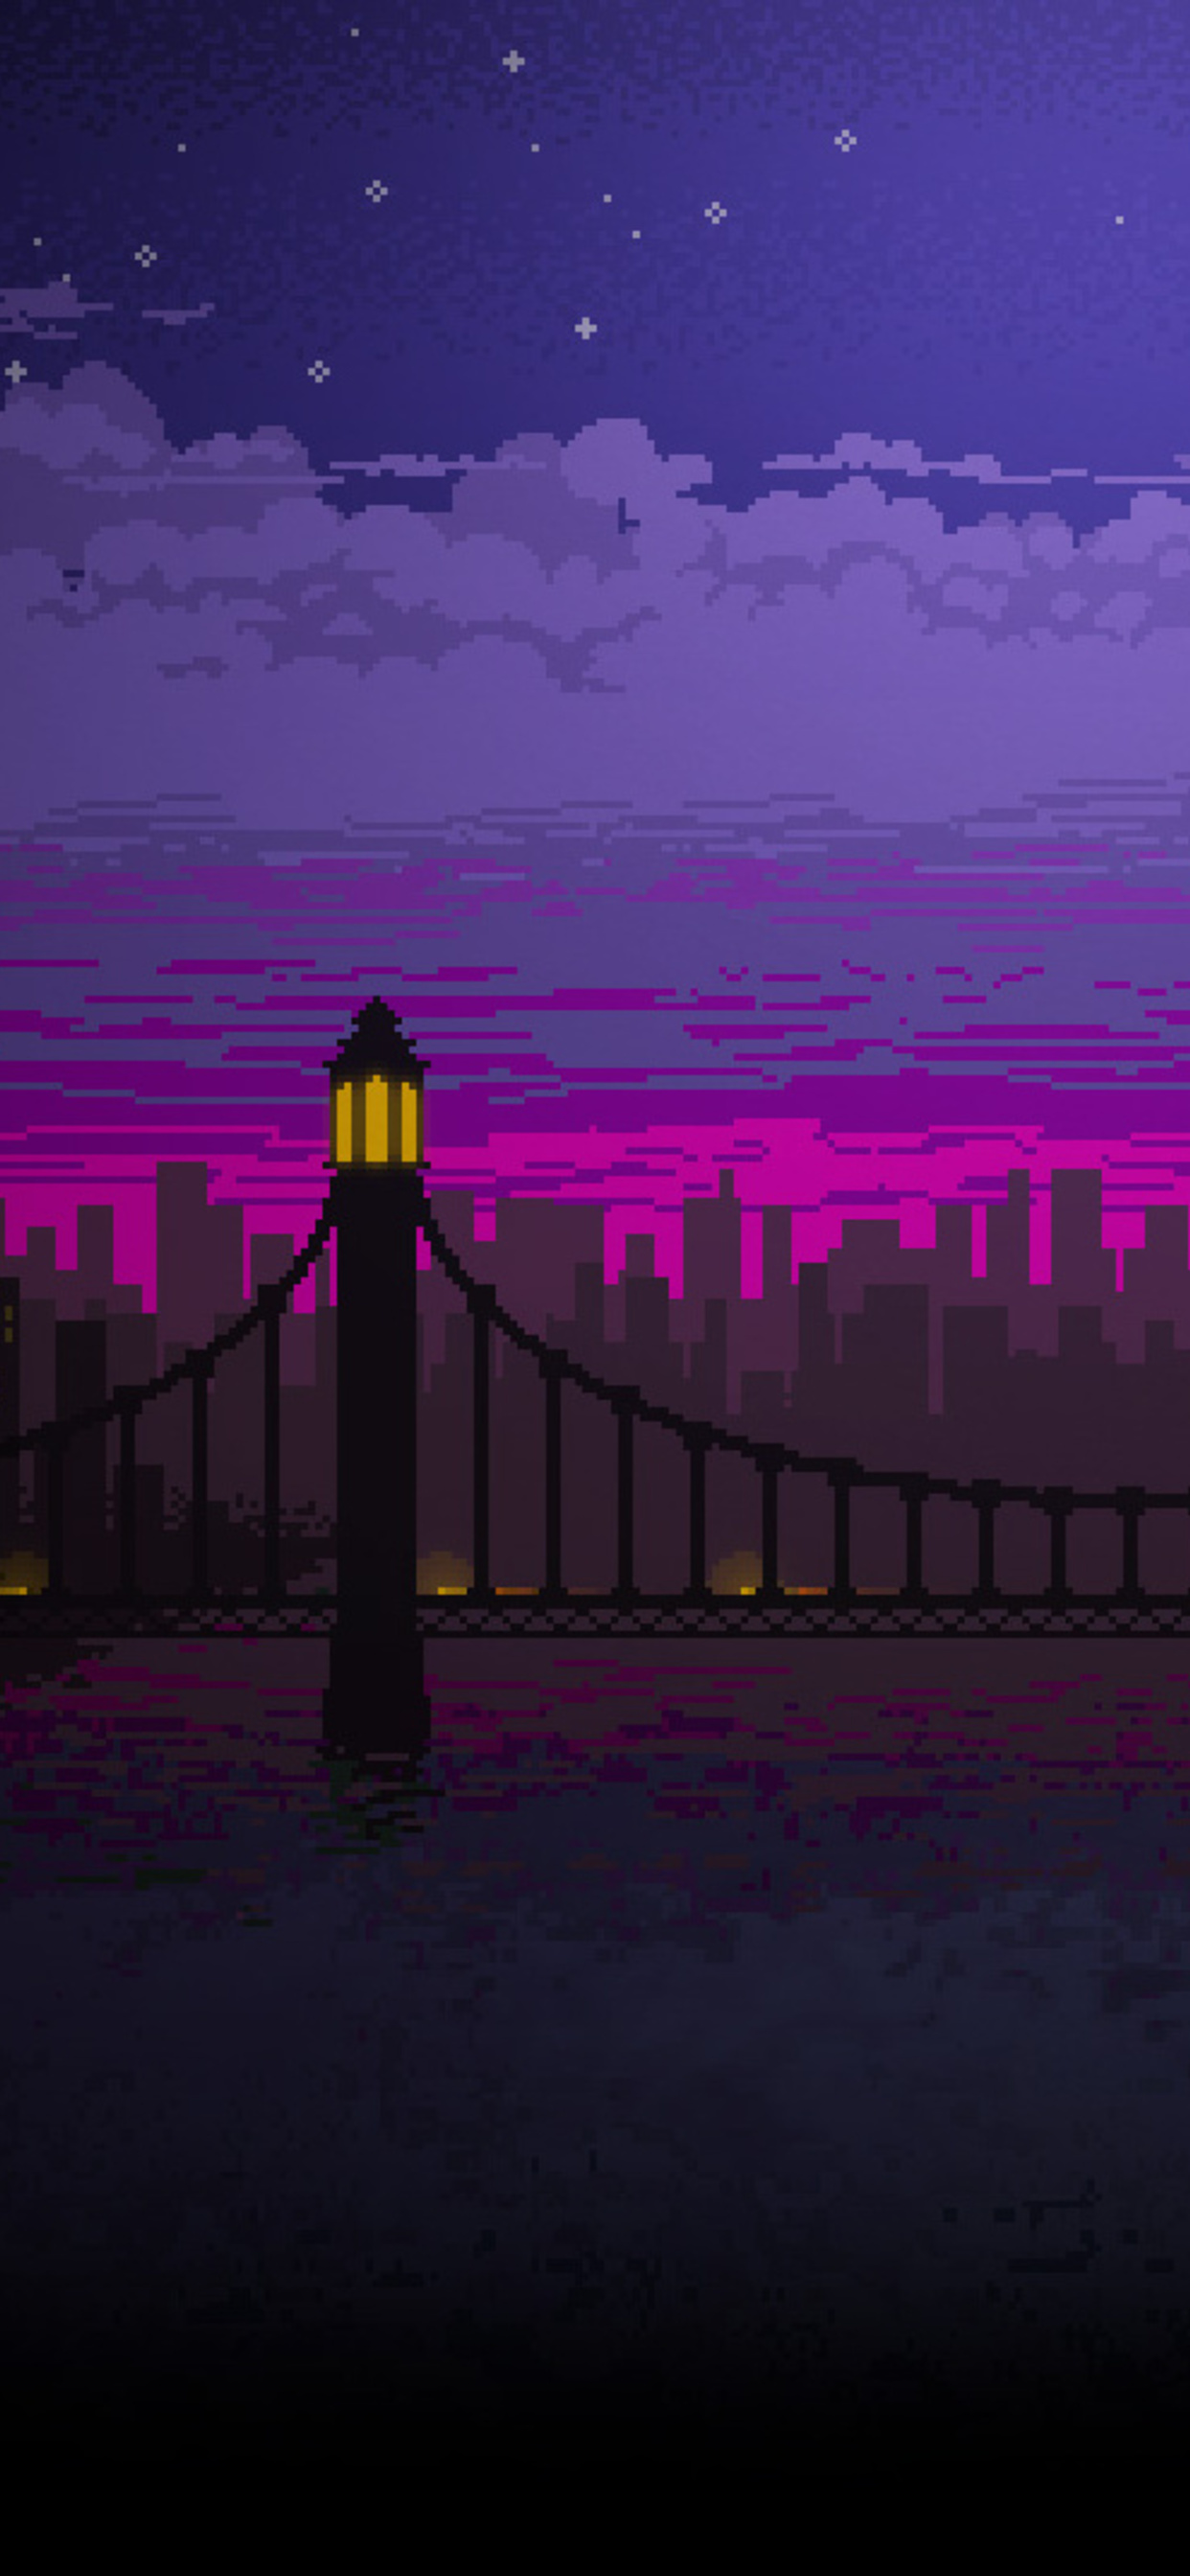 1242x2688 Pixel Art Bridge Night Iphone XS MAX HD 4k ...